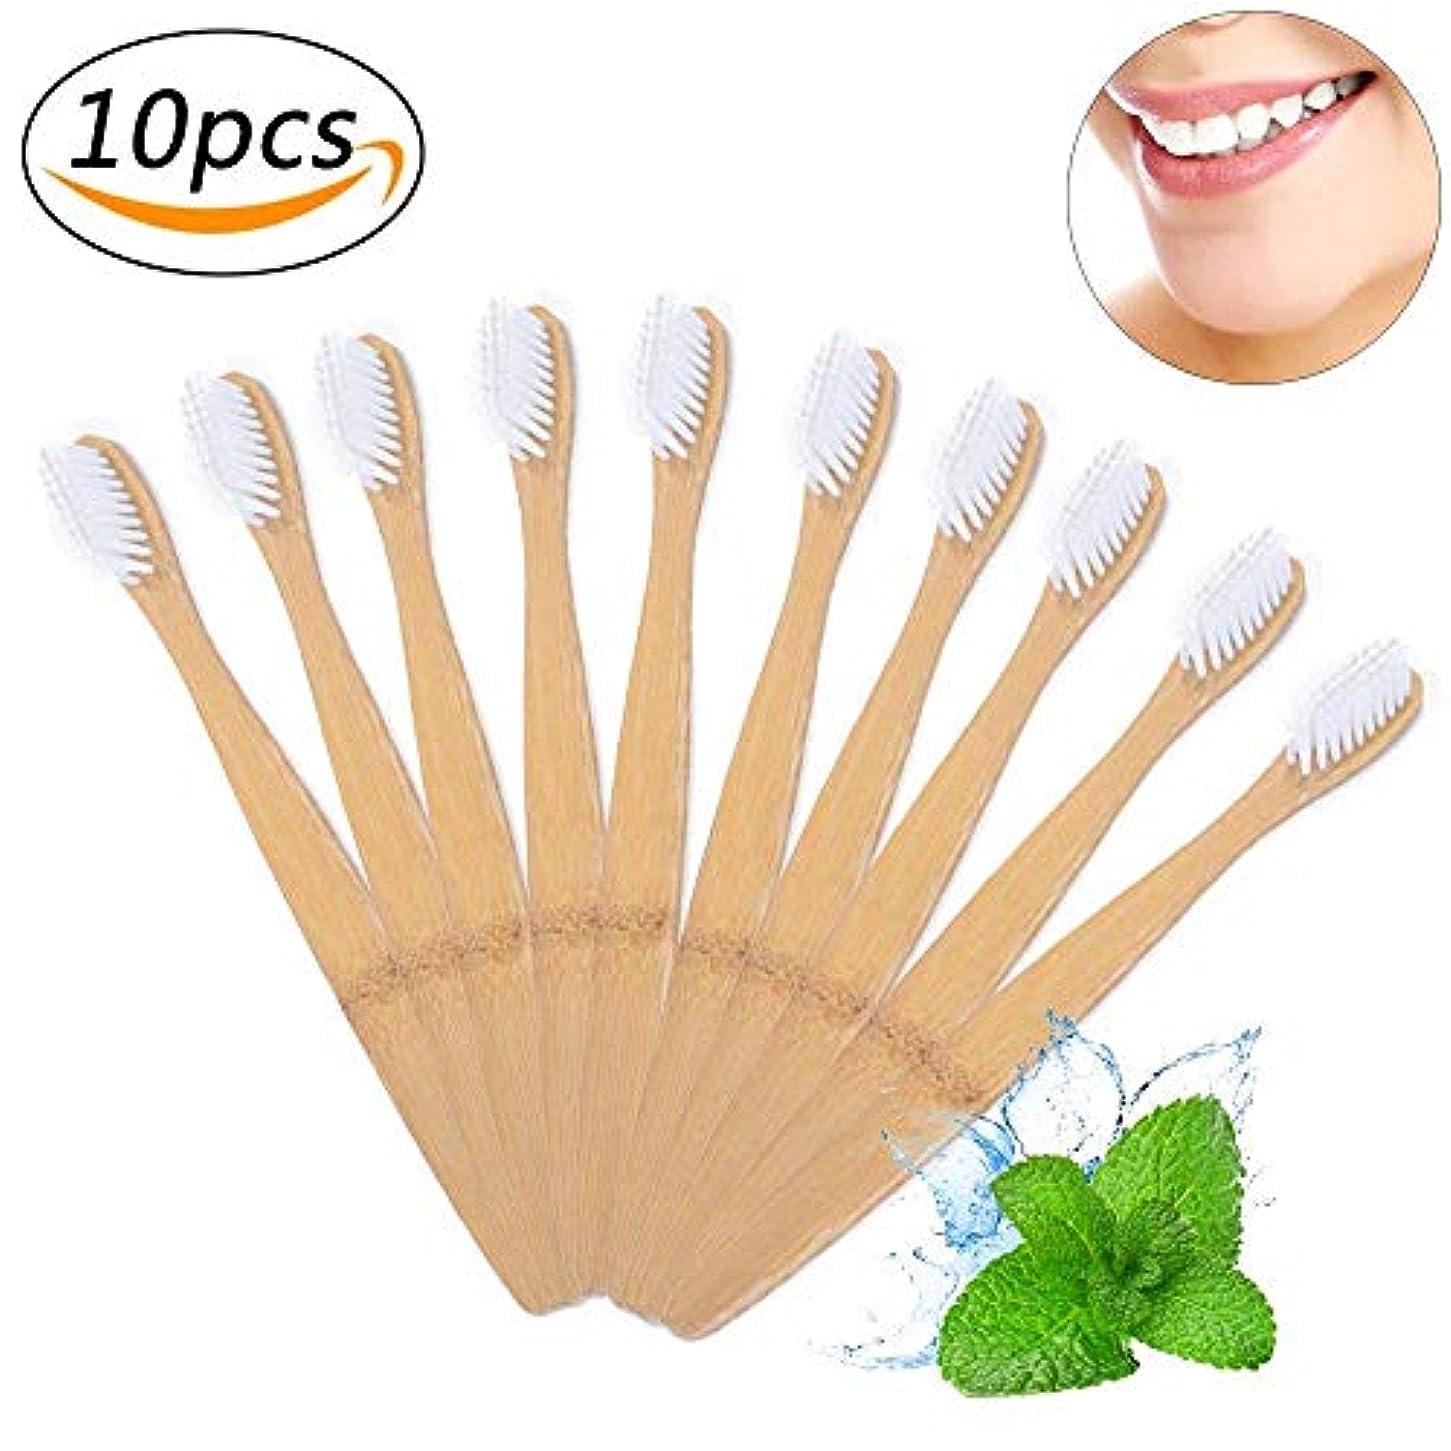 代数的ゴミ箱を空にするシード竹の歯ブラシ 環境保護の歯ブラシ 柔らかいブラシ 分解性 耐久性 ホワイト 10本入